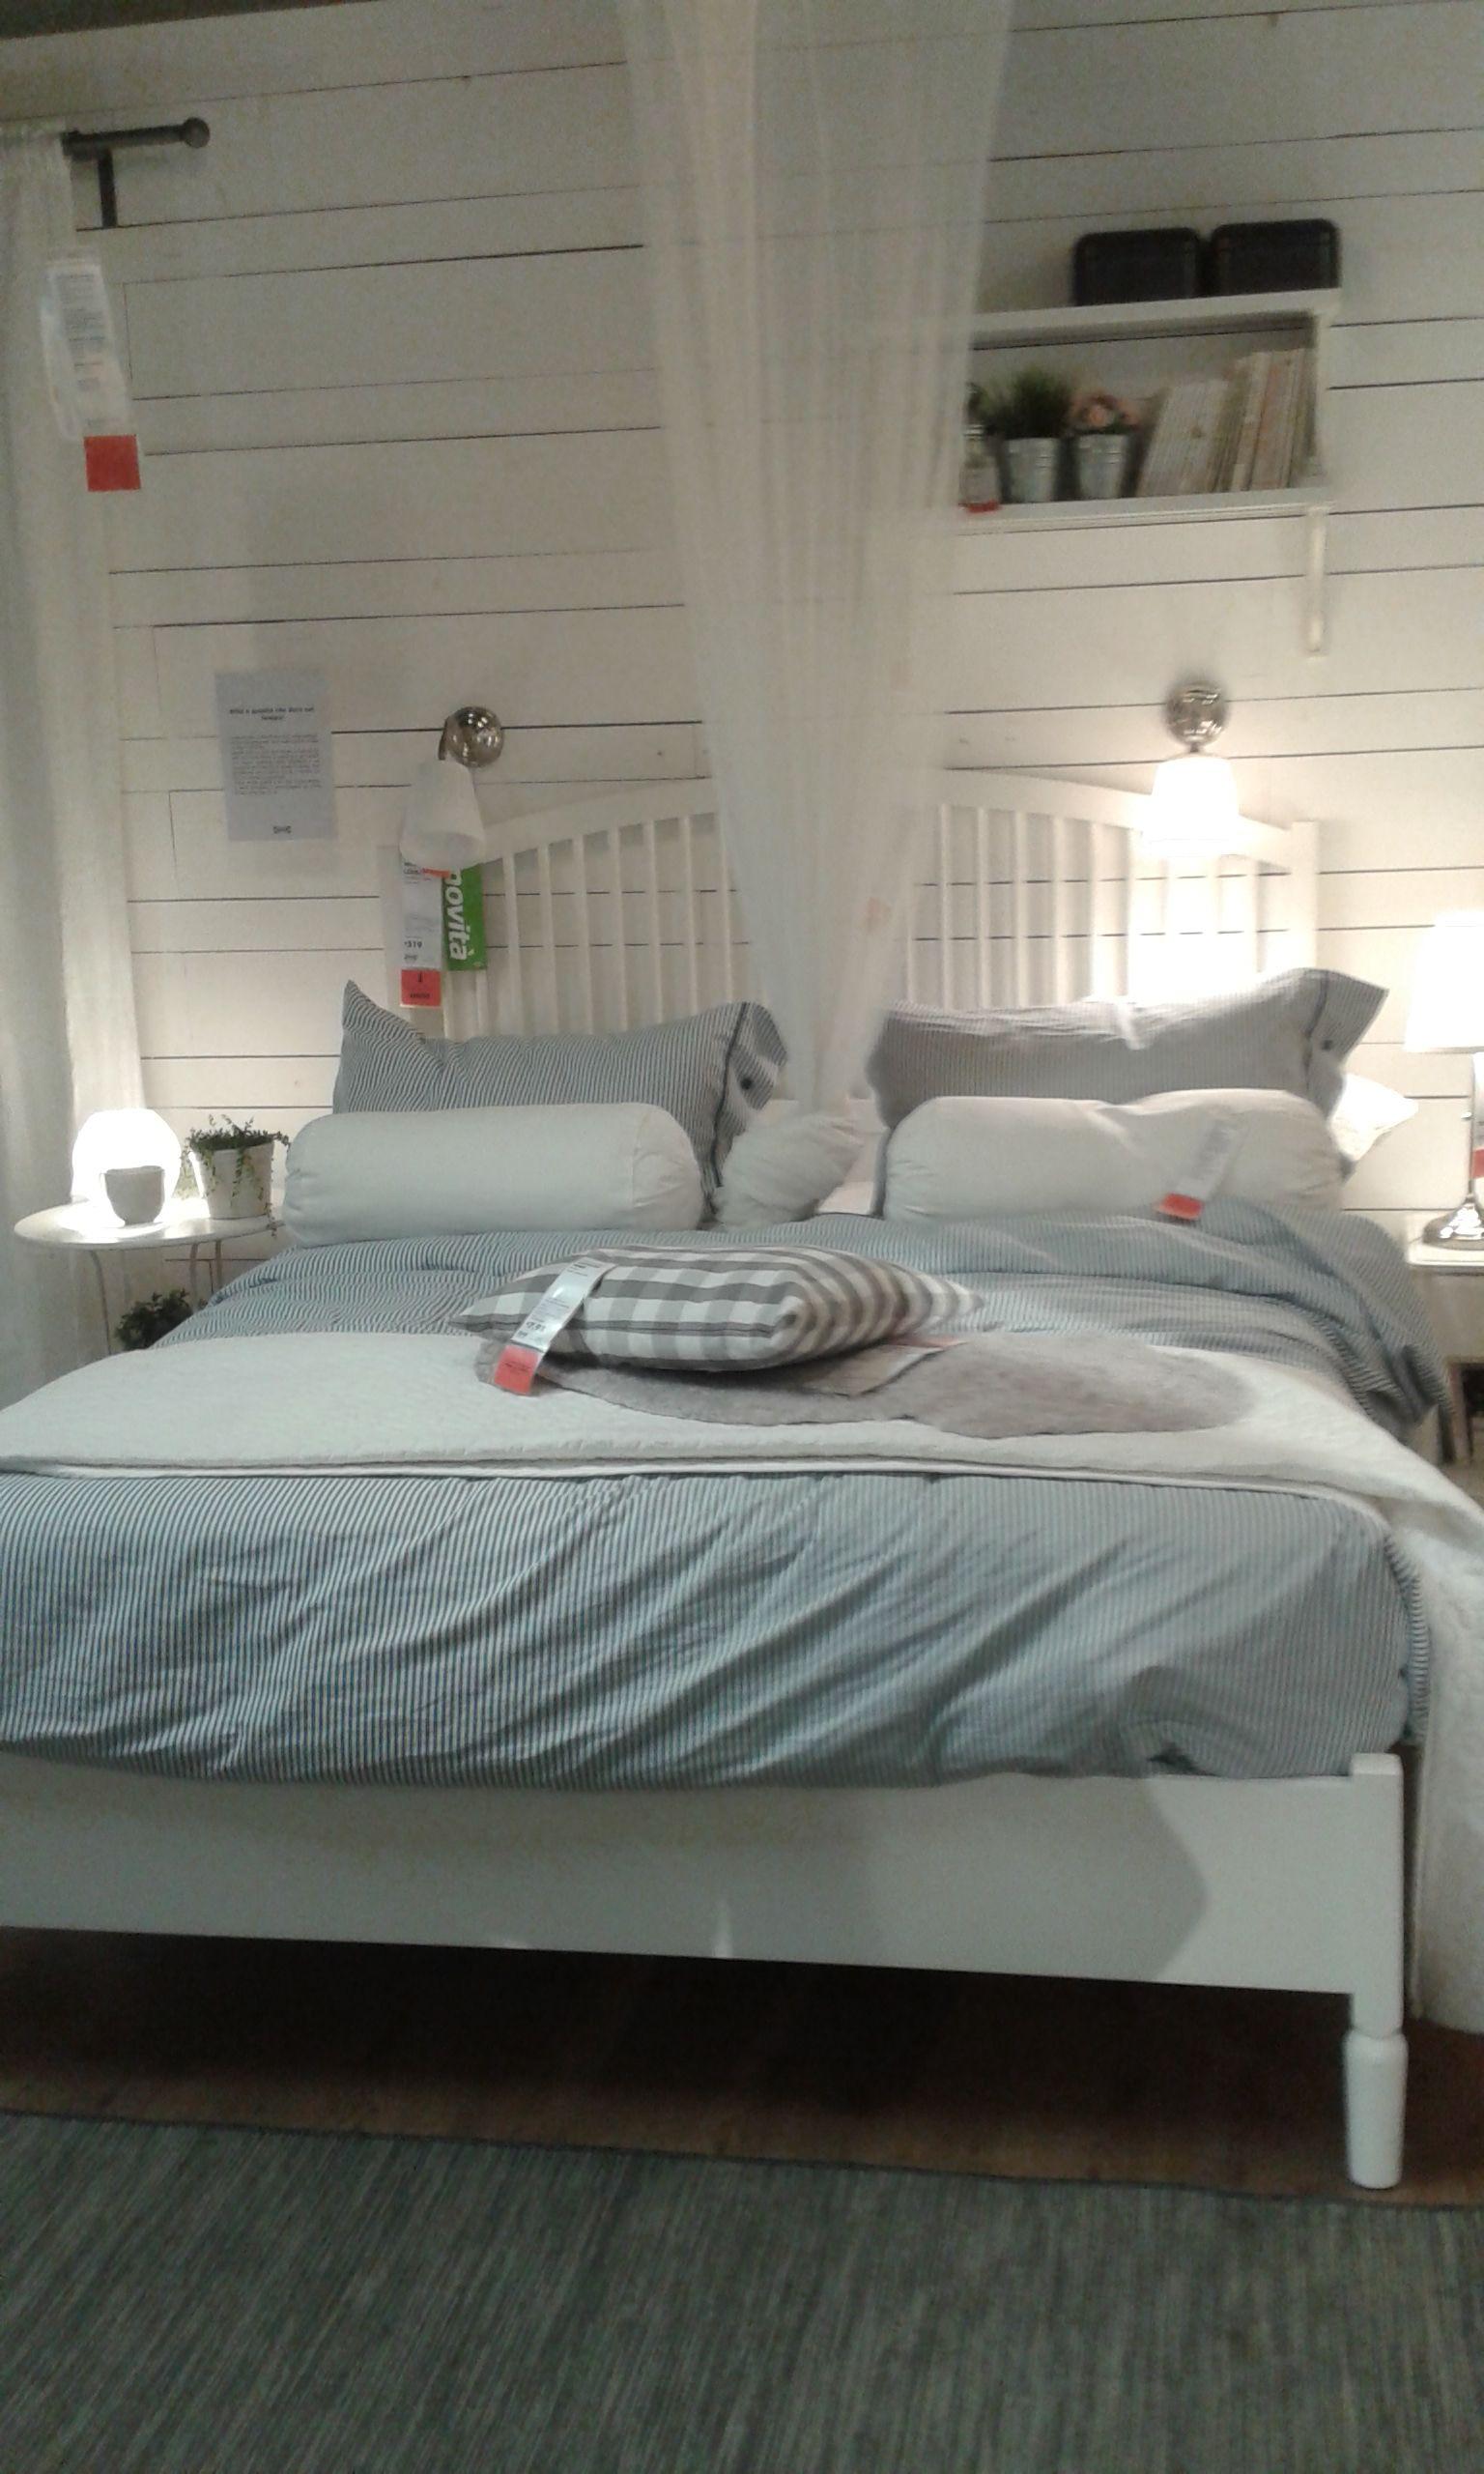 camera da letto IKEA | Camera da letto ikea, Letto ikea e ...